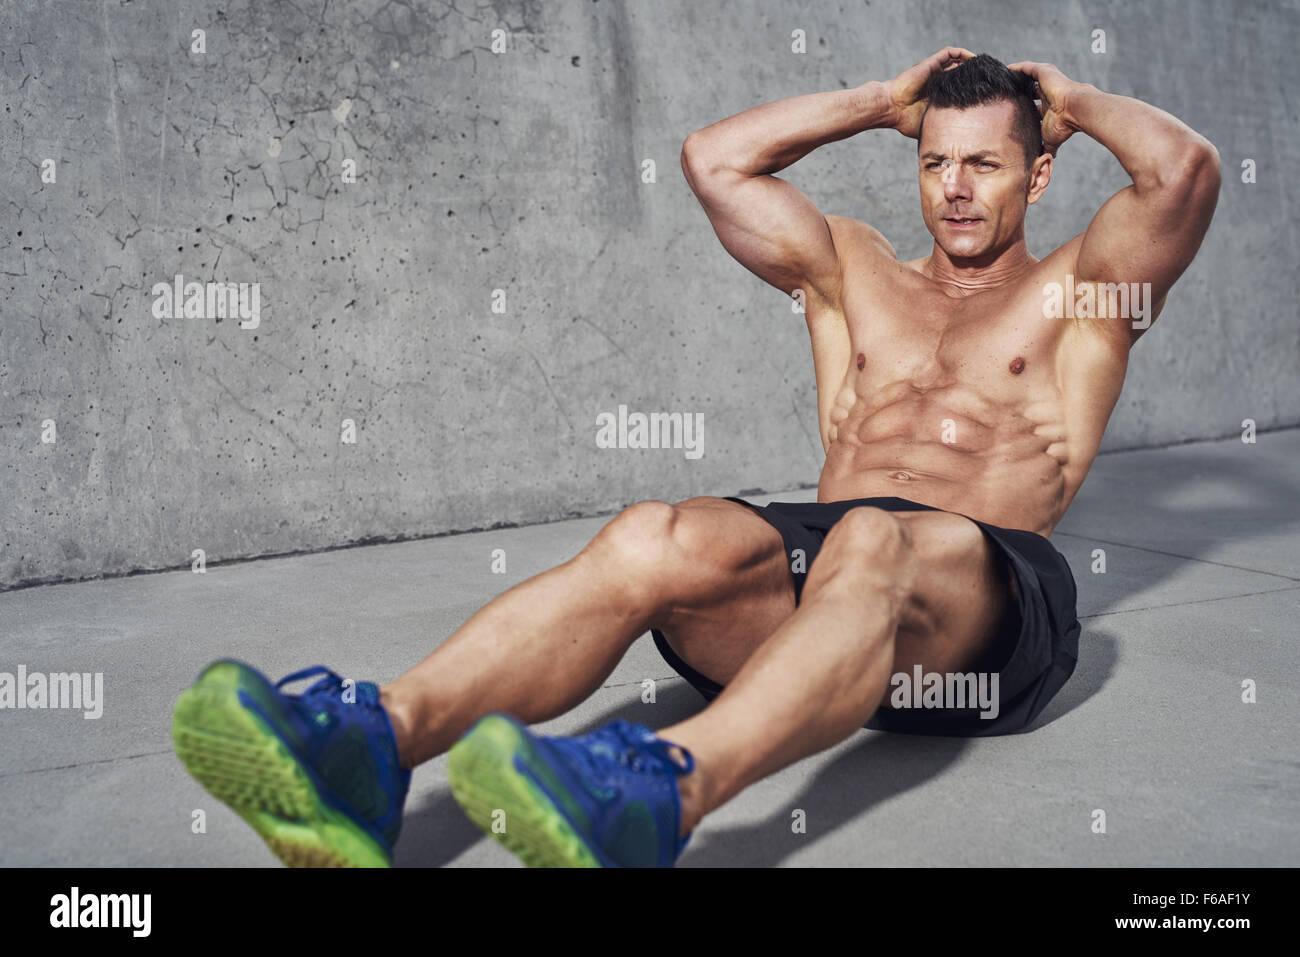 Modelo de fitness masculino haciendo sentarse ups y devoran ejercitar los músculos abdominales, six pack camiseta Imagen De Stock